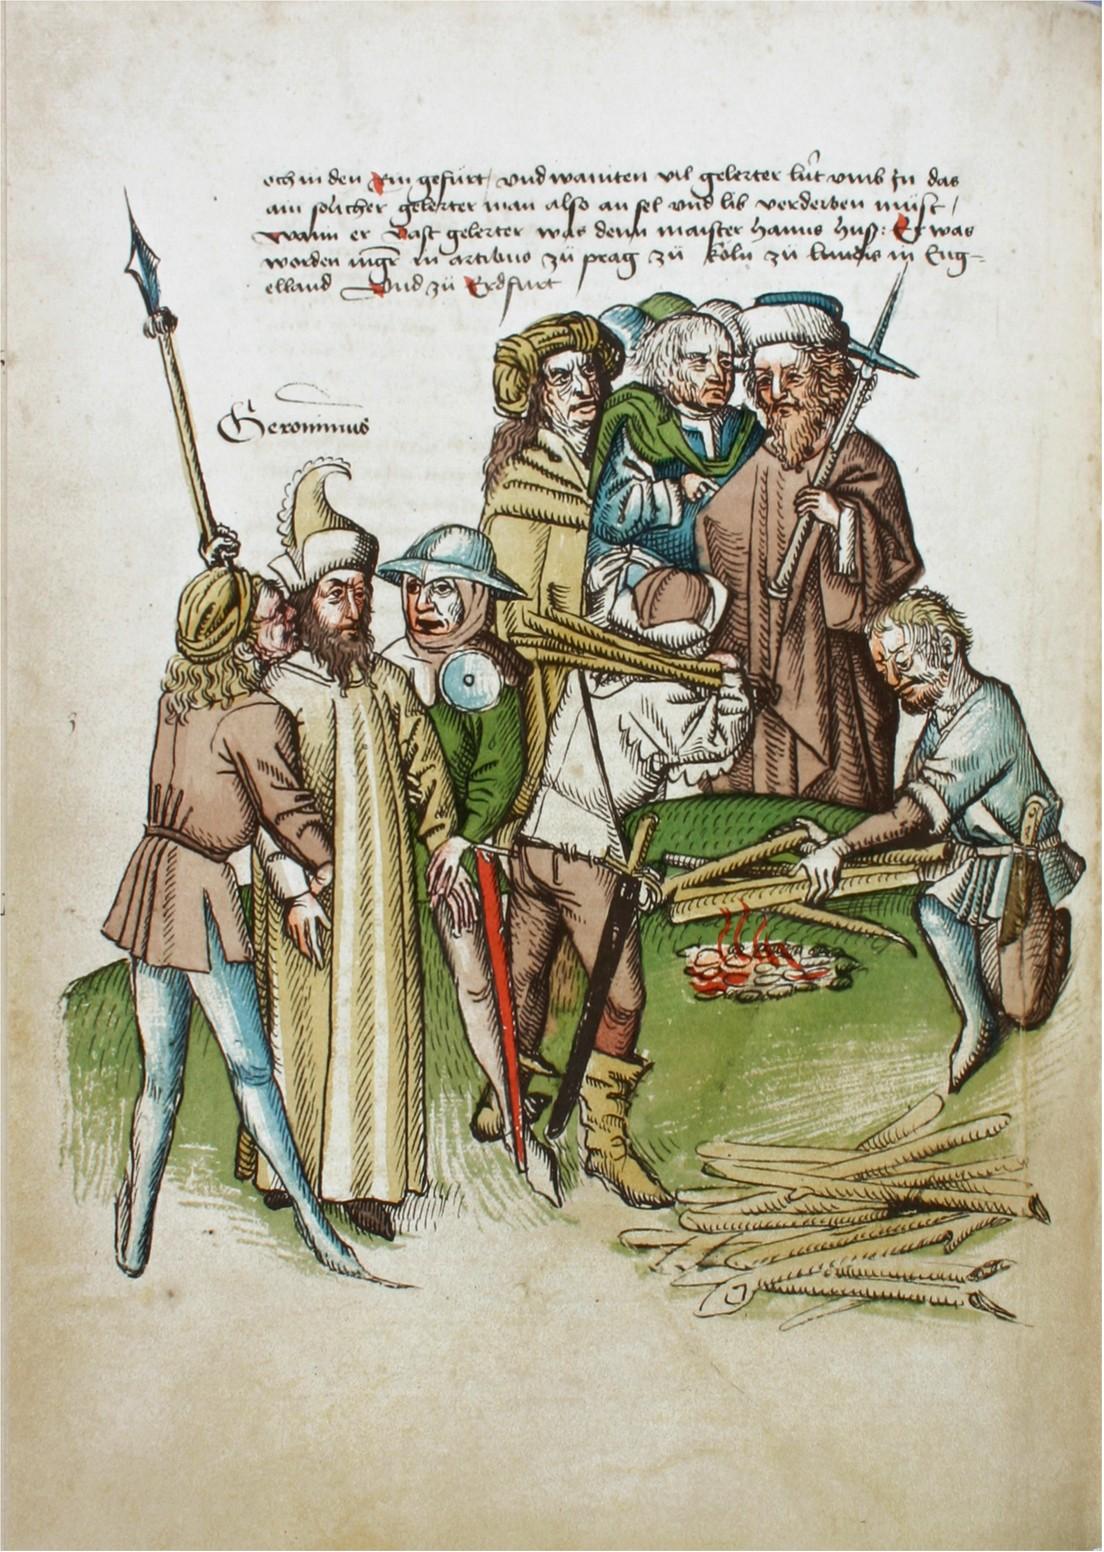 Hieronymus von Prag wiird zum Scheiterhaufen geführt. Richenthal-Chronik, Rosgartenmuseum Konstanz, Hs. 1, fol. 59v.